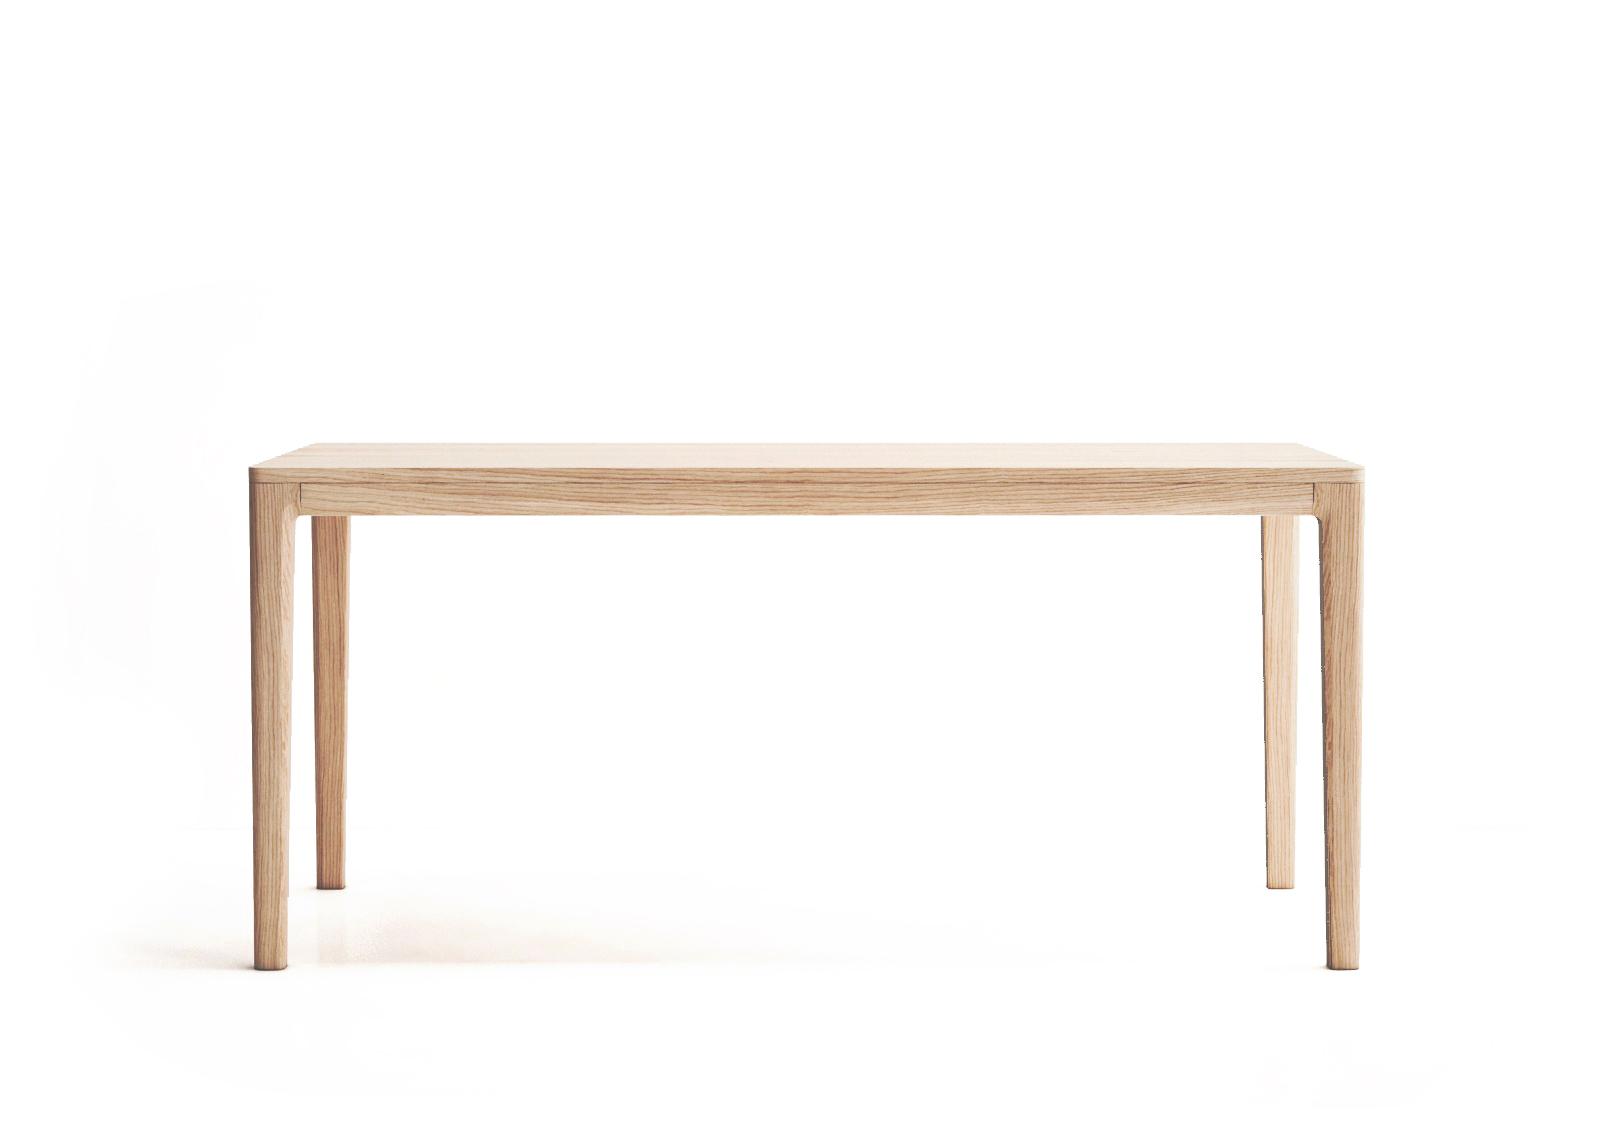 Стол MAVISОбеденные столы<br>Обеденный стол MAVIS представляет собой безупречный дизайн, элегантность и универсальность.Благодаря своему внешнему минимализму MAVIS отлично впишется в интерьер кухни, столовой или офиса.Размеры стола рассчитаны на 6-8 персон.&amp;lt;div&amp;gt;&amp;lt;br&amp;gt;&amp;lt;/div&amp;gt;&amp;lt;div&amp;gt;Материал: массив дуба, МДФ, натуральный шпон дуба, лак.&amp;lt;br&amp;gt;&amp;lt;/div&amp;gt;<br><br>Material: Дуб<br>Ширина см: 160<br>Высота см: 75<br>Глубина см: 80